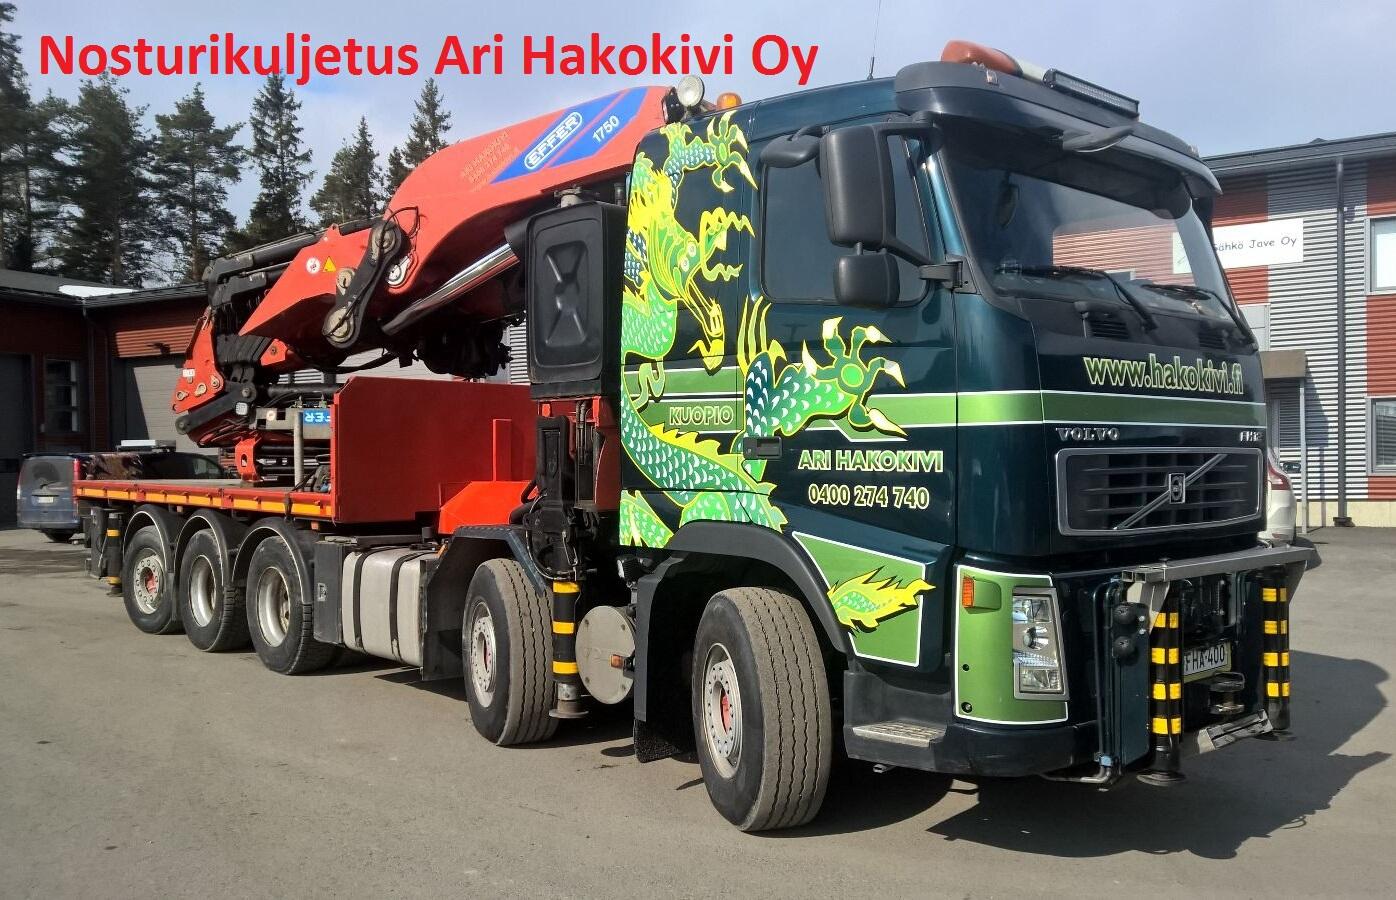 Hakokivi